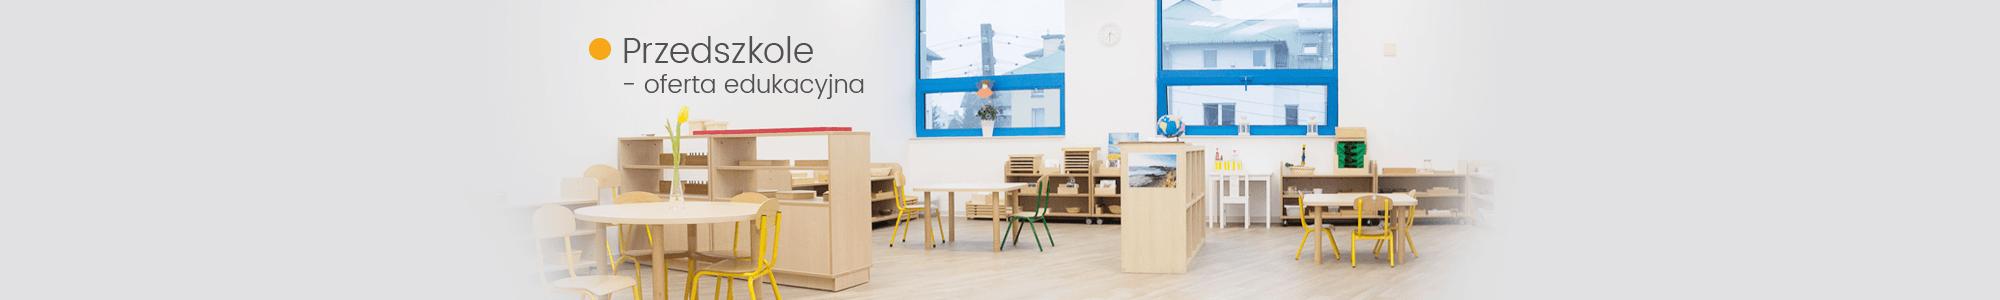 slider-przedszkole-oferta-edukacyjna